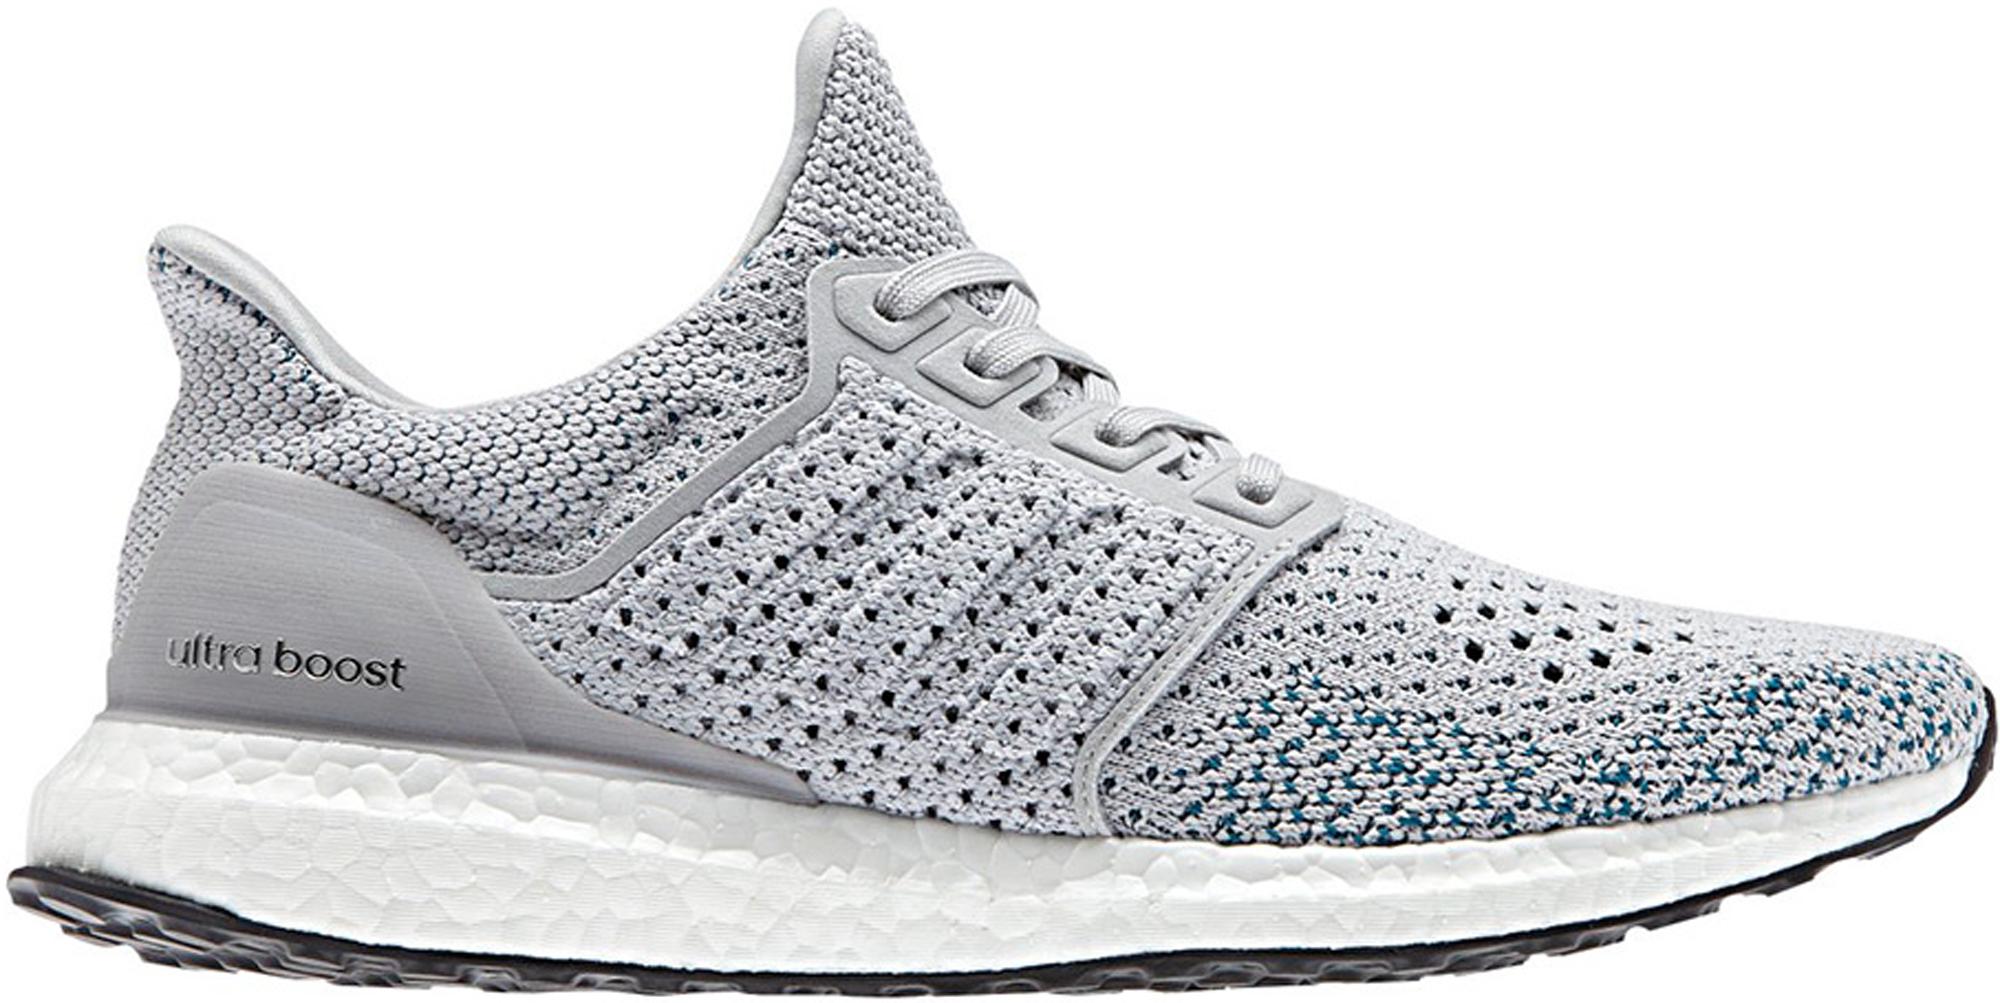 adidas Ultra Boost Clima Grey